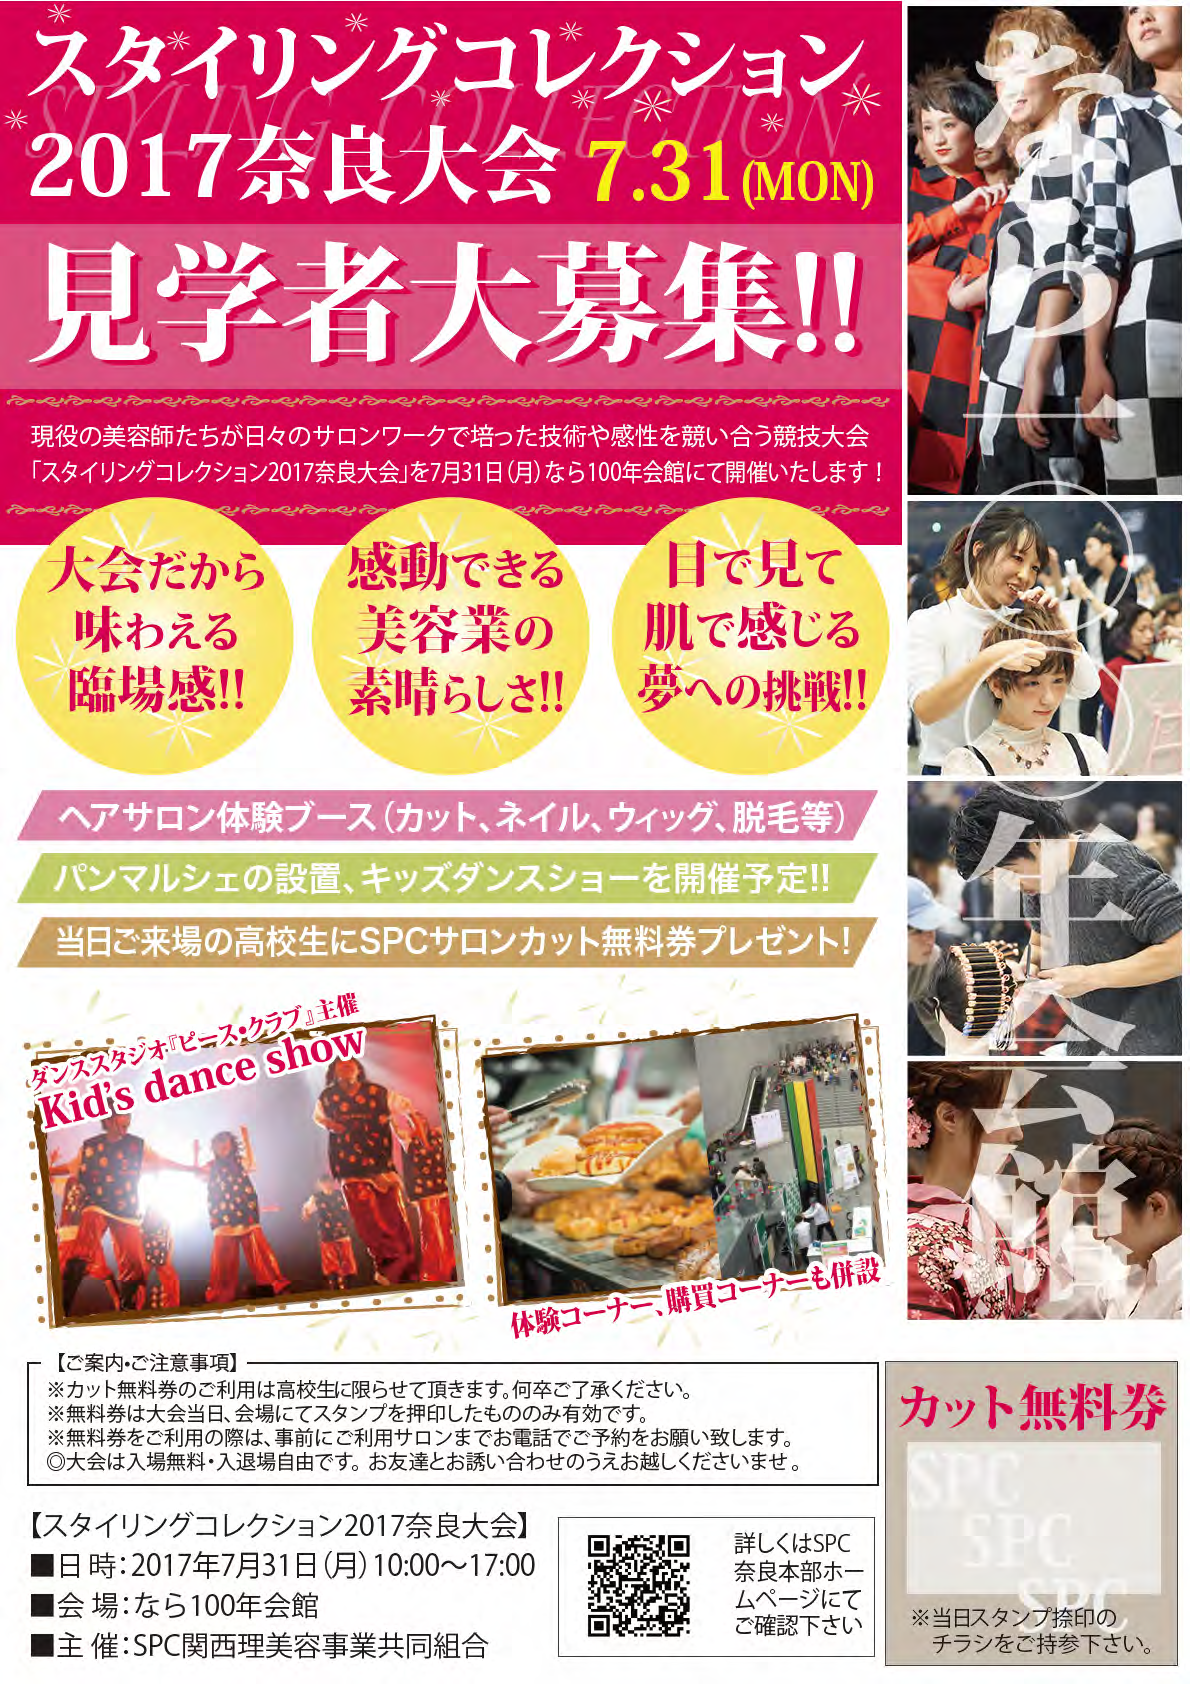 【入場無料】スタイリングコレクション2017 奈良大会 見学者大募集!!